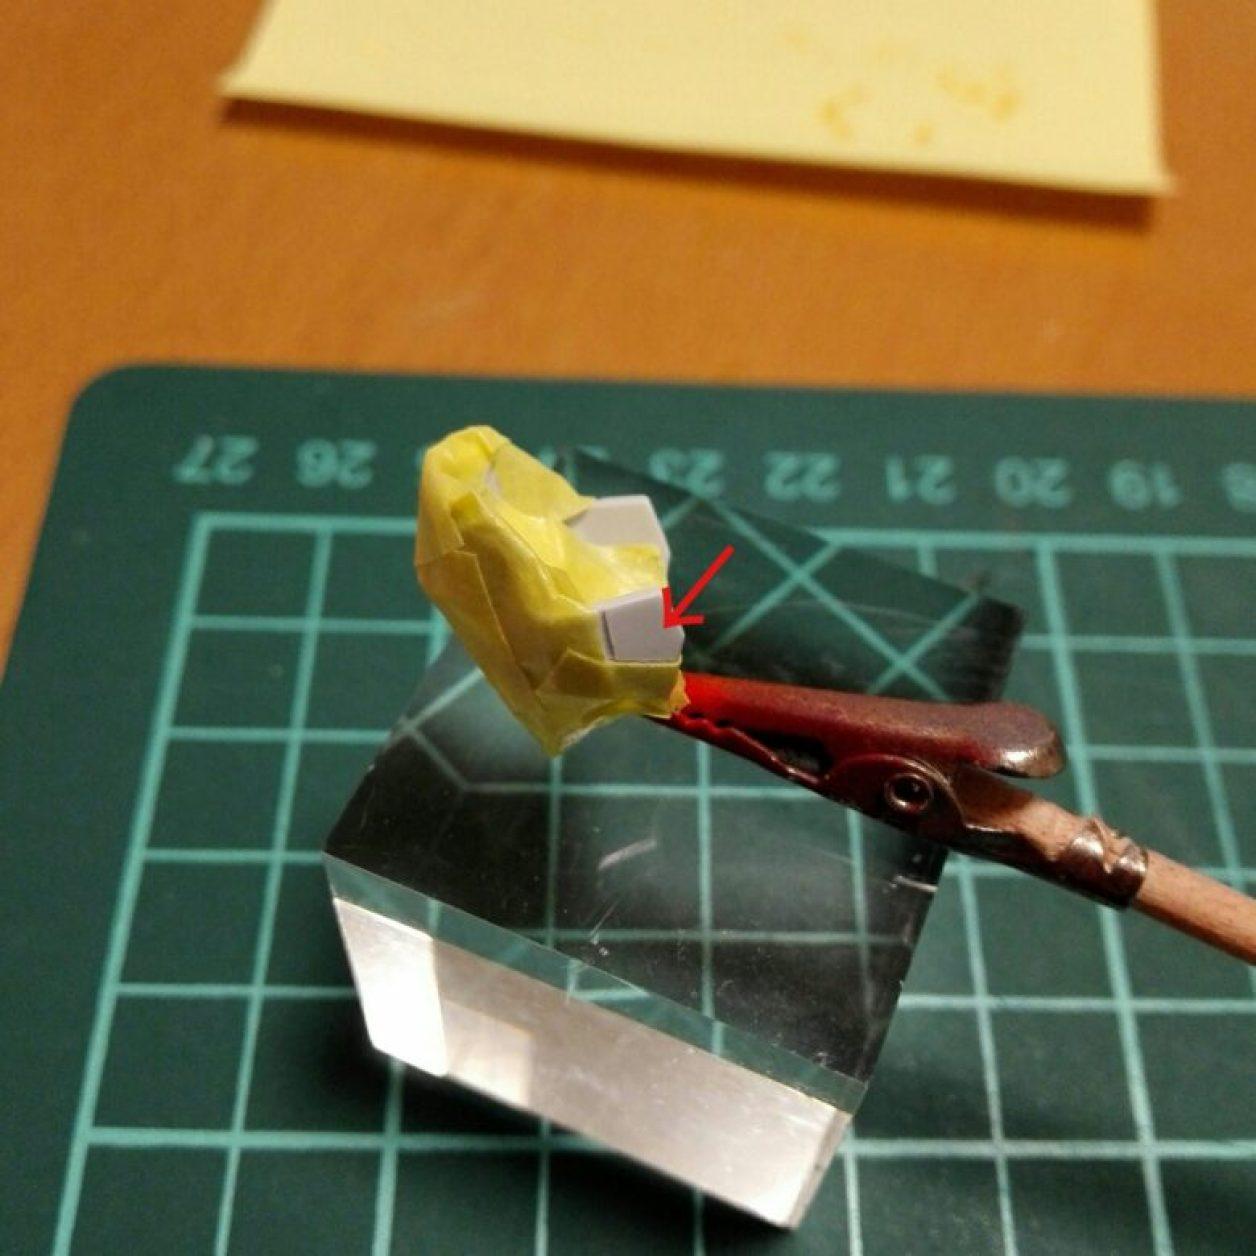 hguc ガンダムtr-6[ウーンドウォート]の頭部ユニットに切り出したプラバンを接着してディテールアップして塗装のためにマスキングした画像